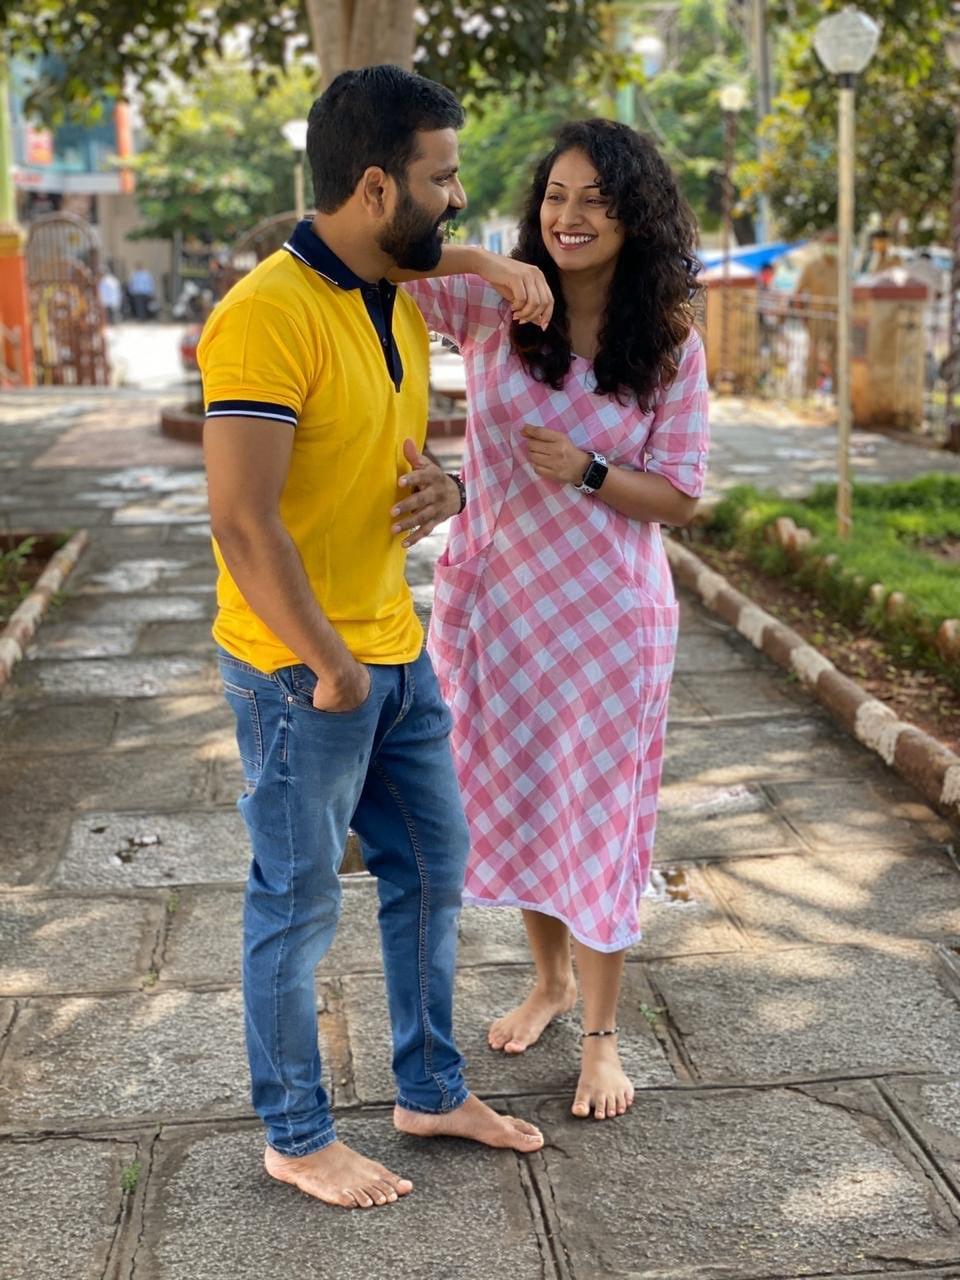 ವಿಜಯ್ ಪ್ರಸಾದ್ ಅವರ ನಿರ್ದೇಶನ ನೀರ್ ದೋಸೆ ಸಿನಿಮಾದಲ್ಲಿ ಹರಿಪ್ರಿಯಾ ನಟಿಸಿದ್ದಾರೆ.